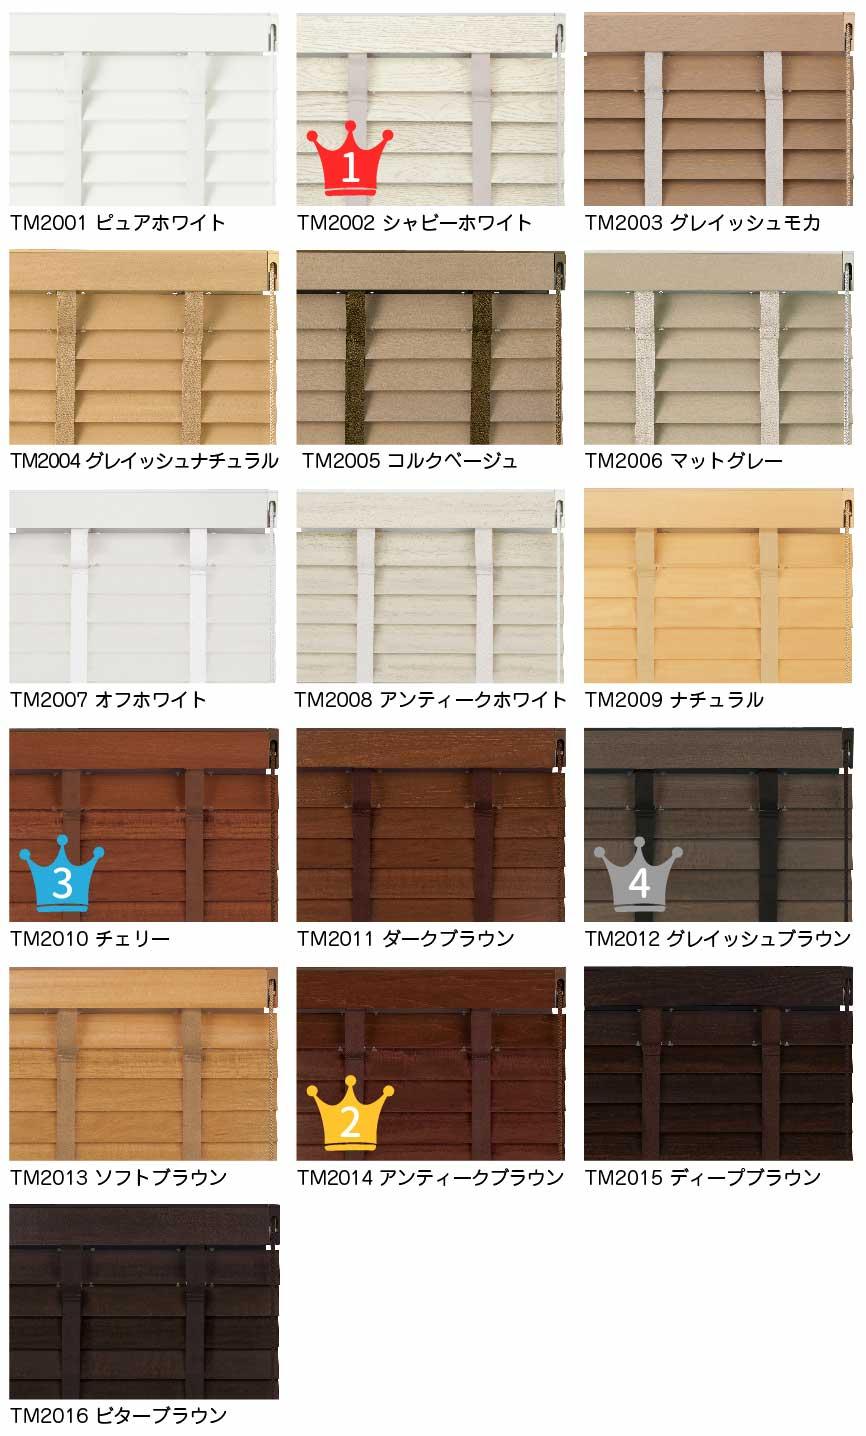 スタンダードウッド(木製)ブラインドラダーテープのカラーと人気カラーランキング